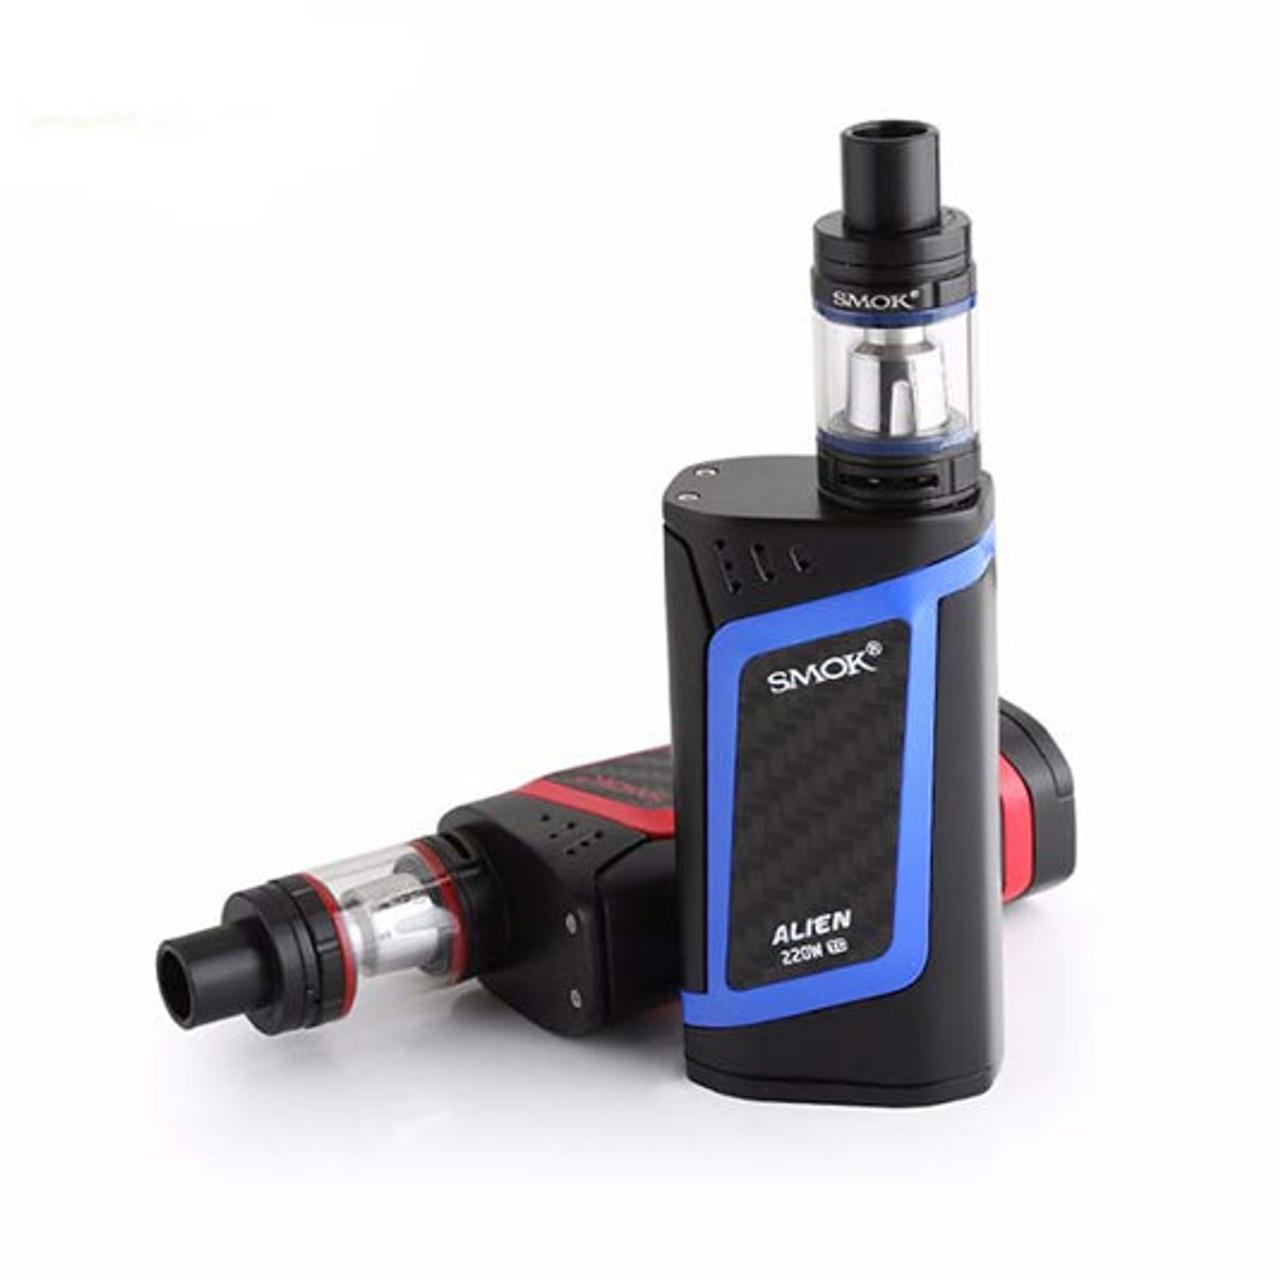 Smok Alien Vape Mod Device